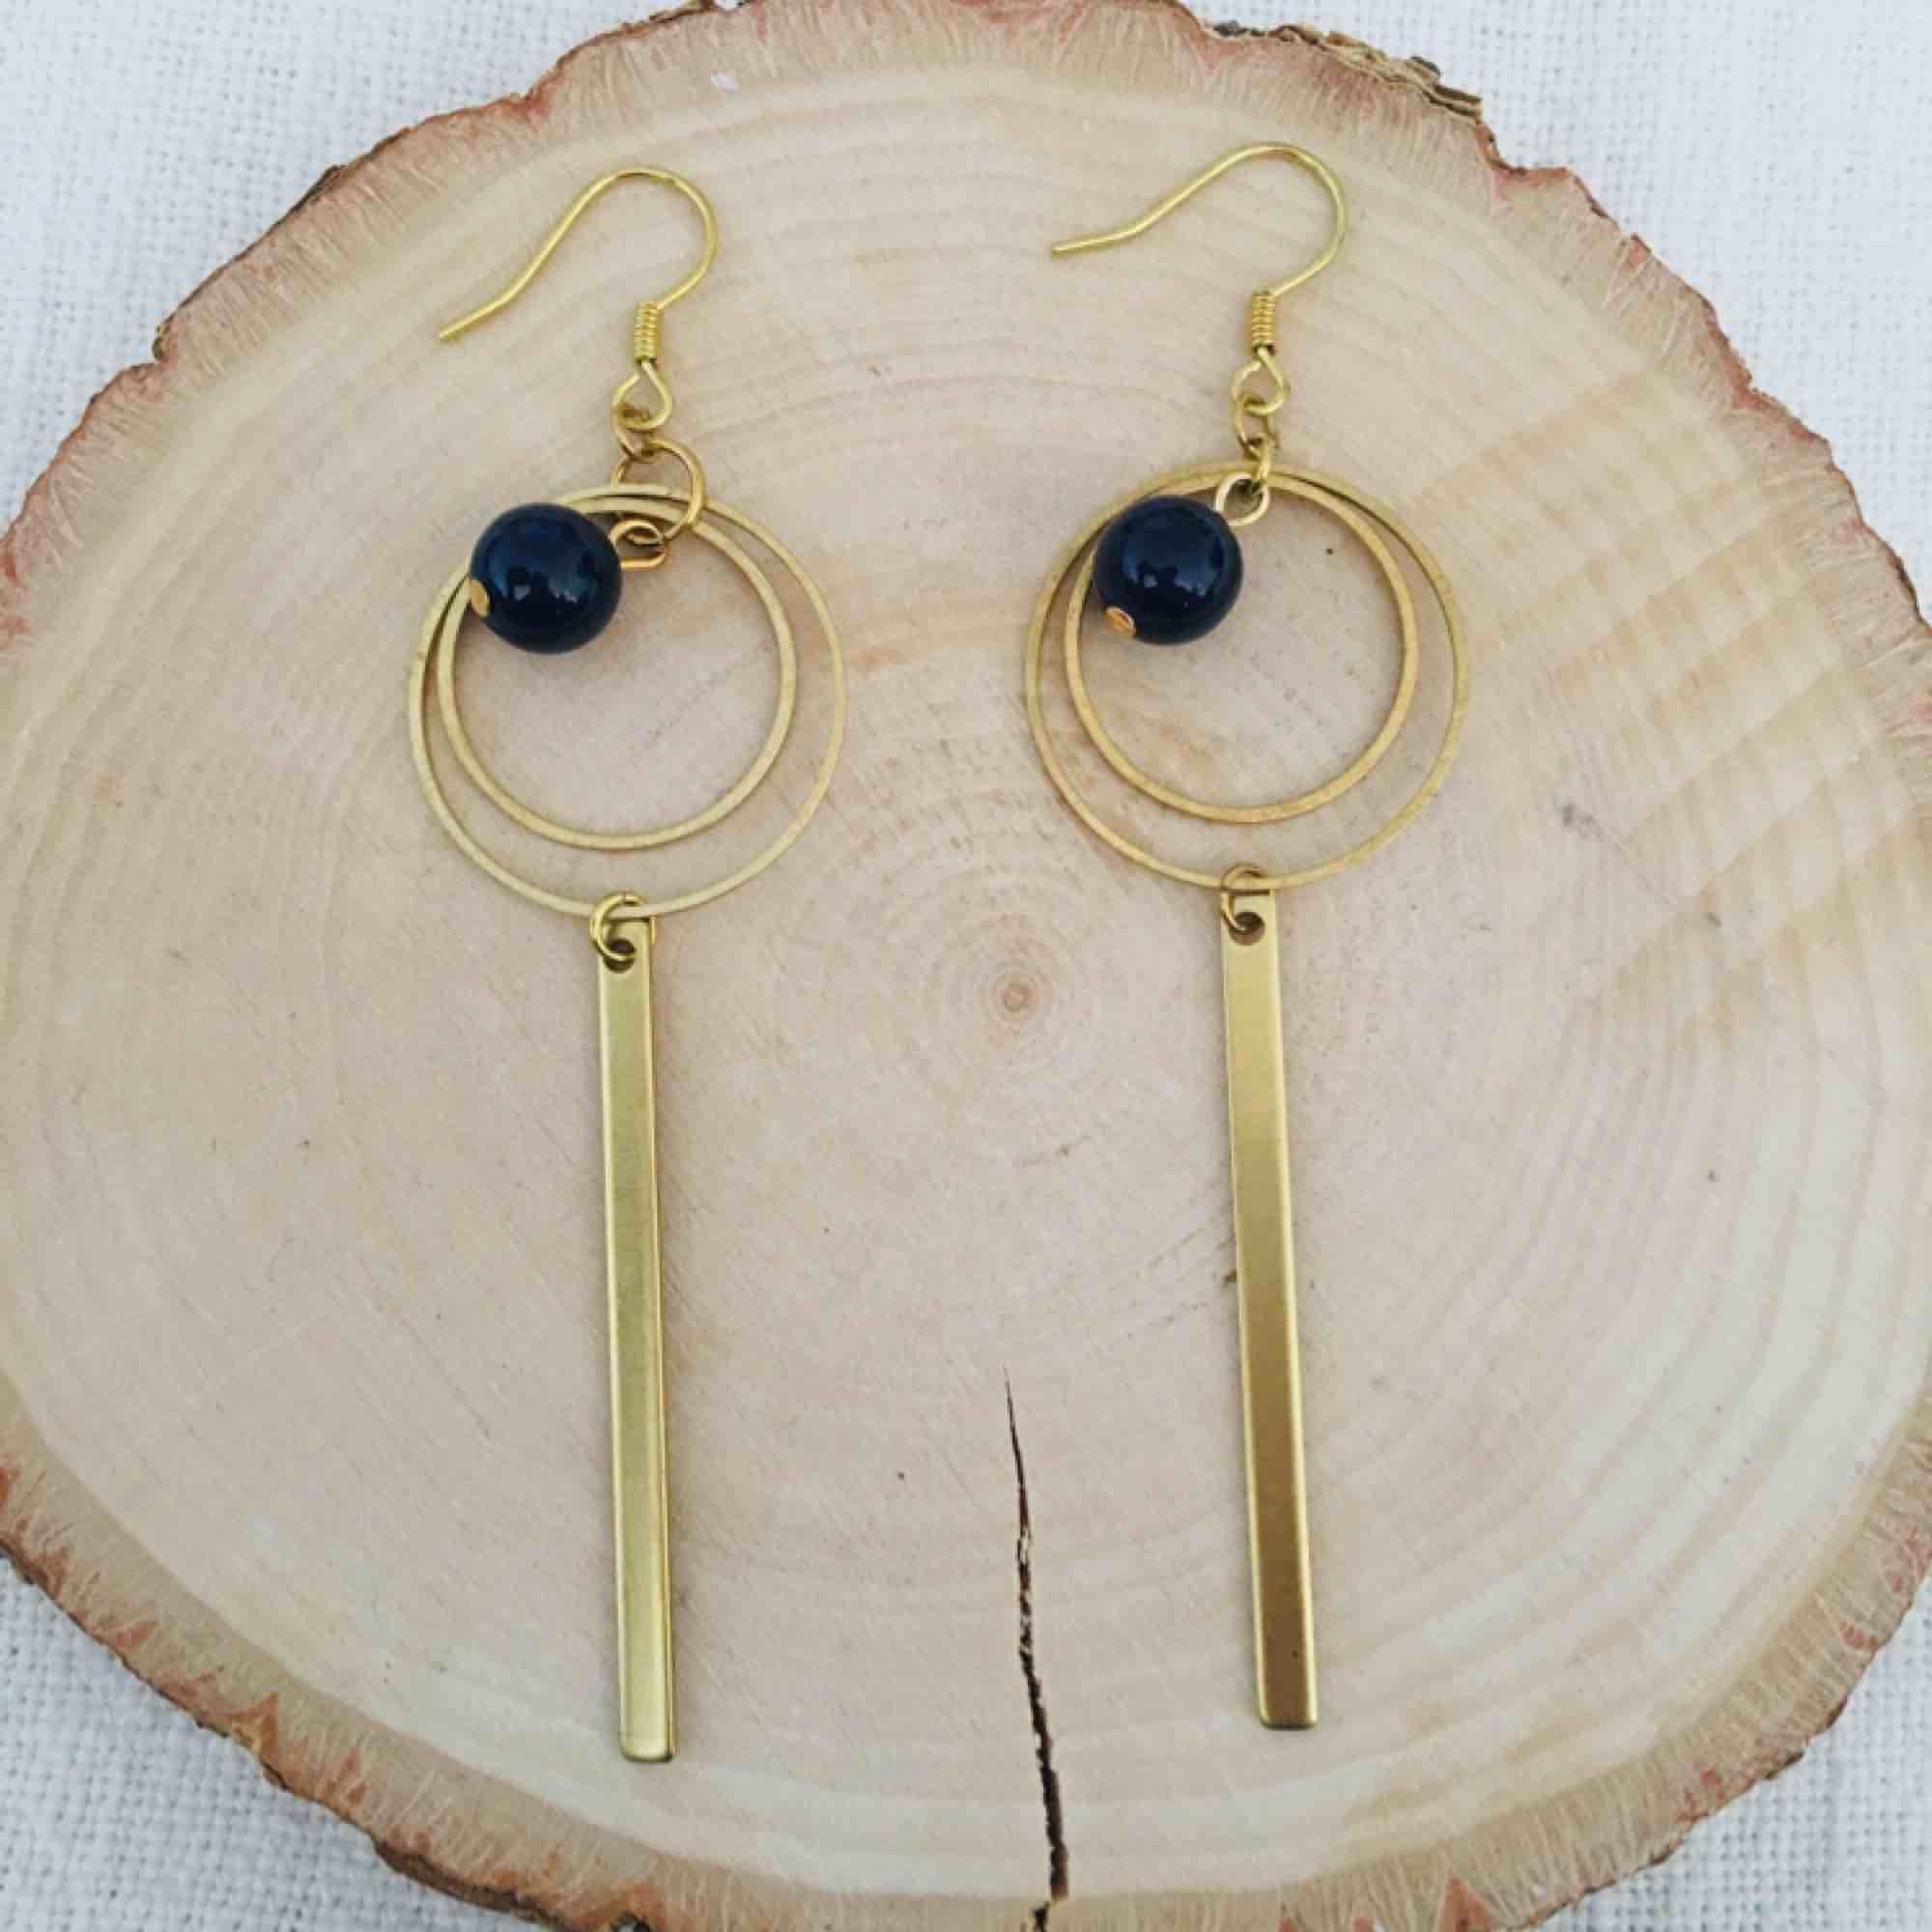 Handgjorda örhängen i mässing med blå pärla/sten. Frakt 9 kr. Accessoarer.